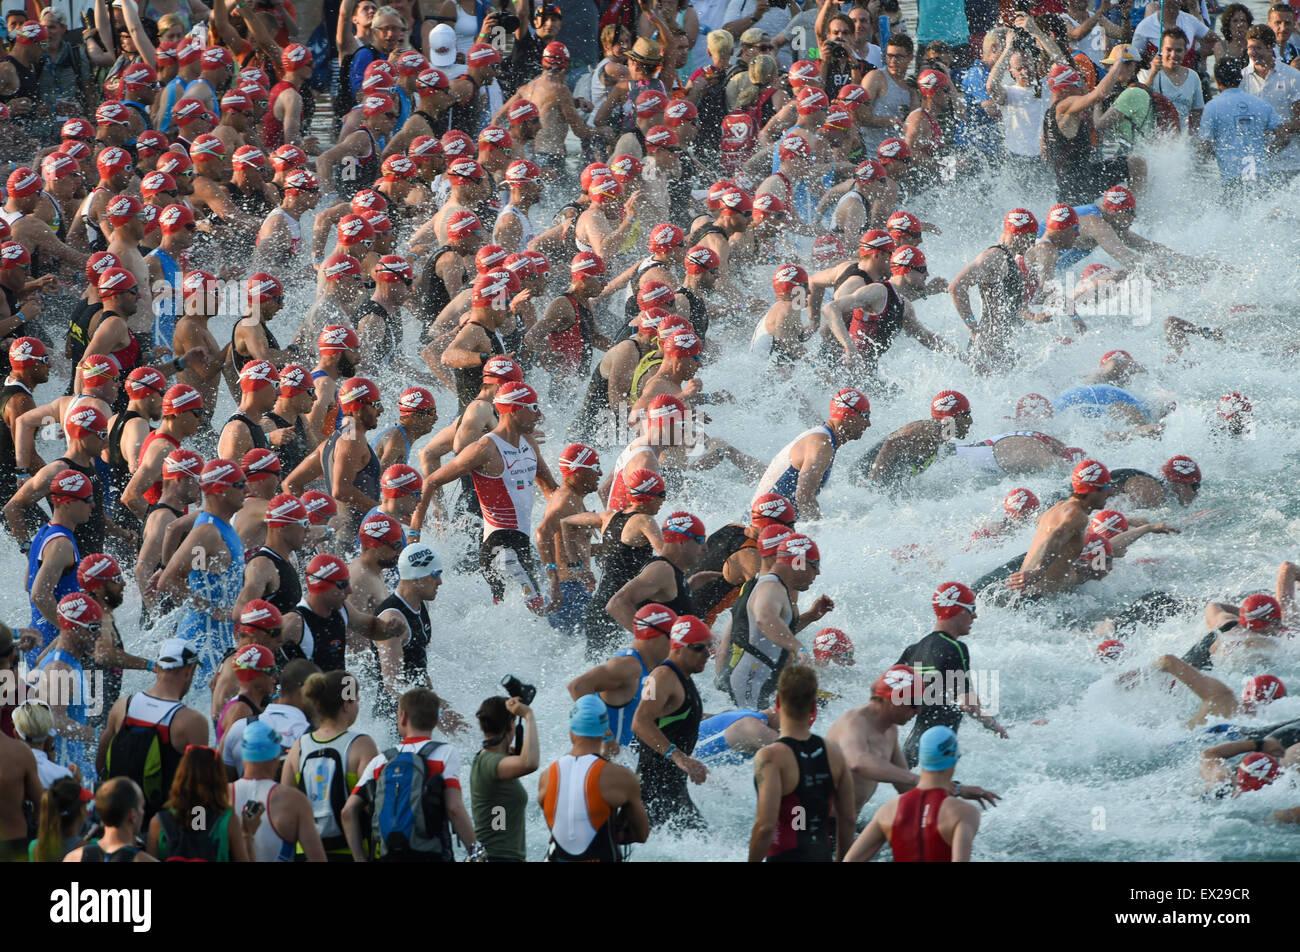 Francfort-sur-Main, Allemagne. 05 juillet, 2015. Les athlètes pendant le début de l'Ironman European Photo Stock